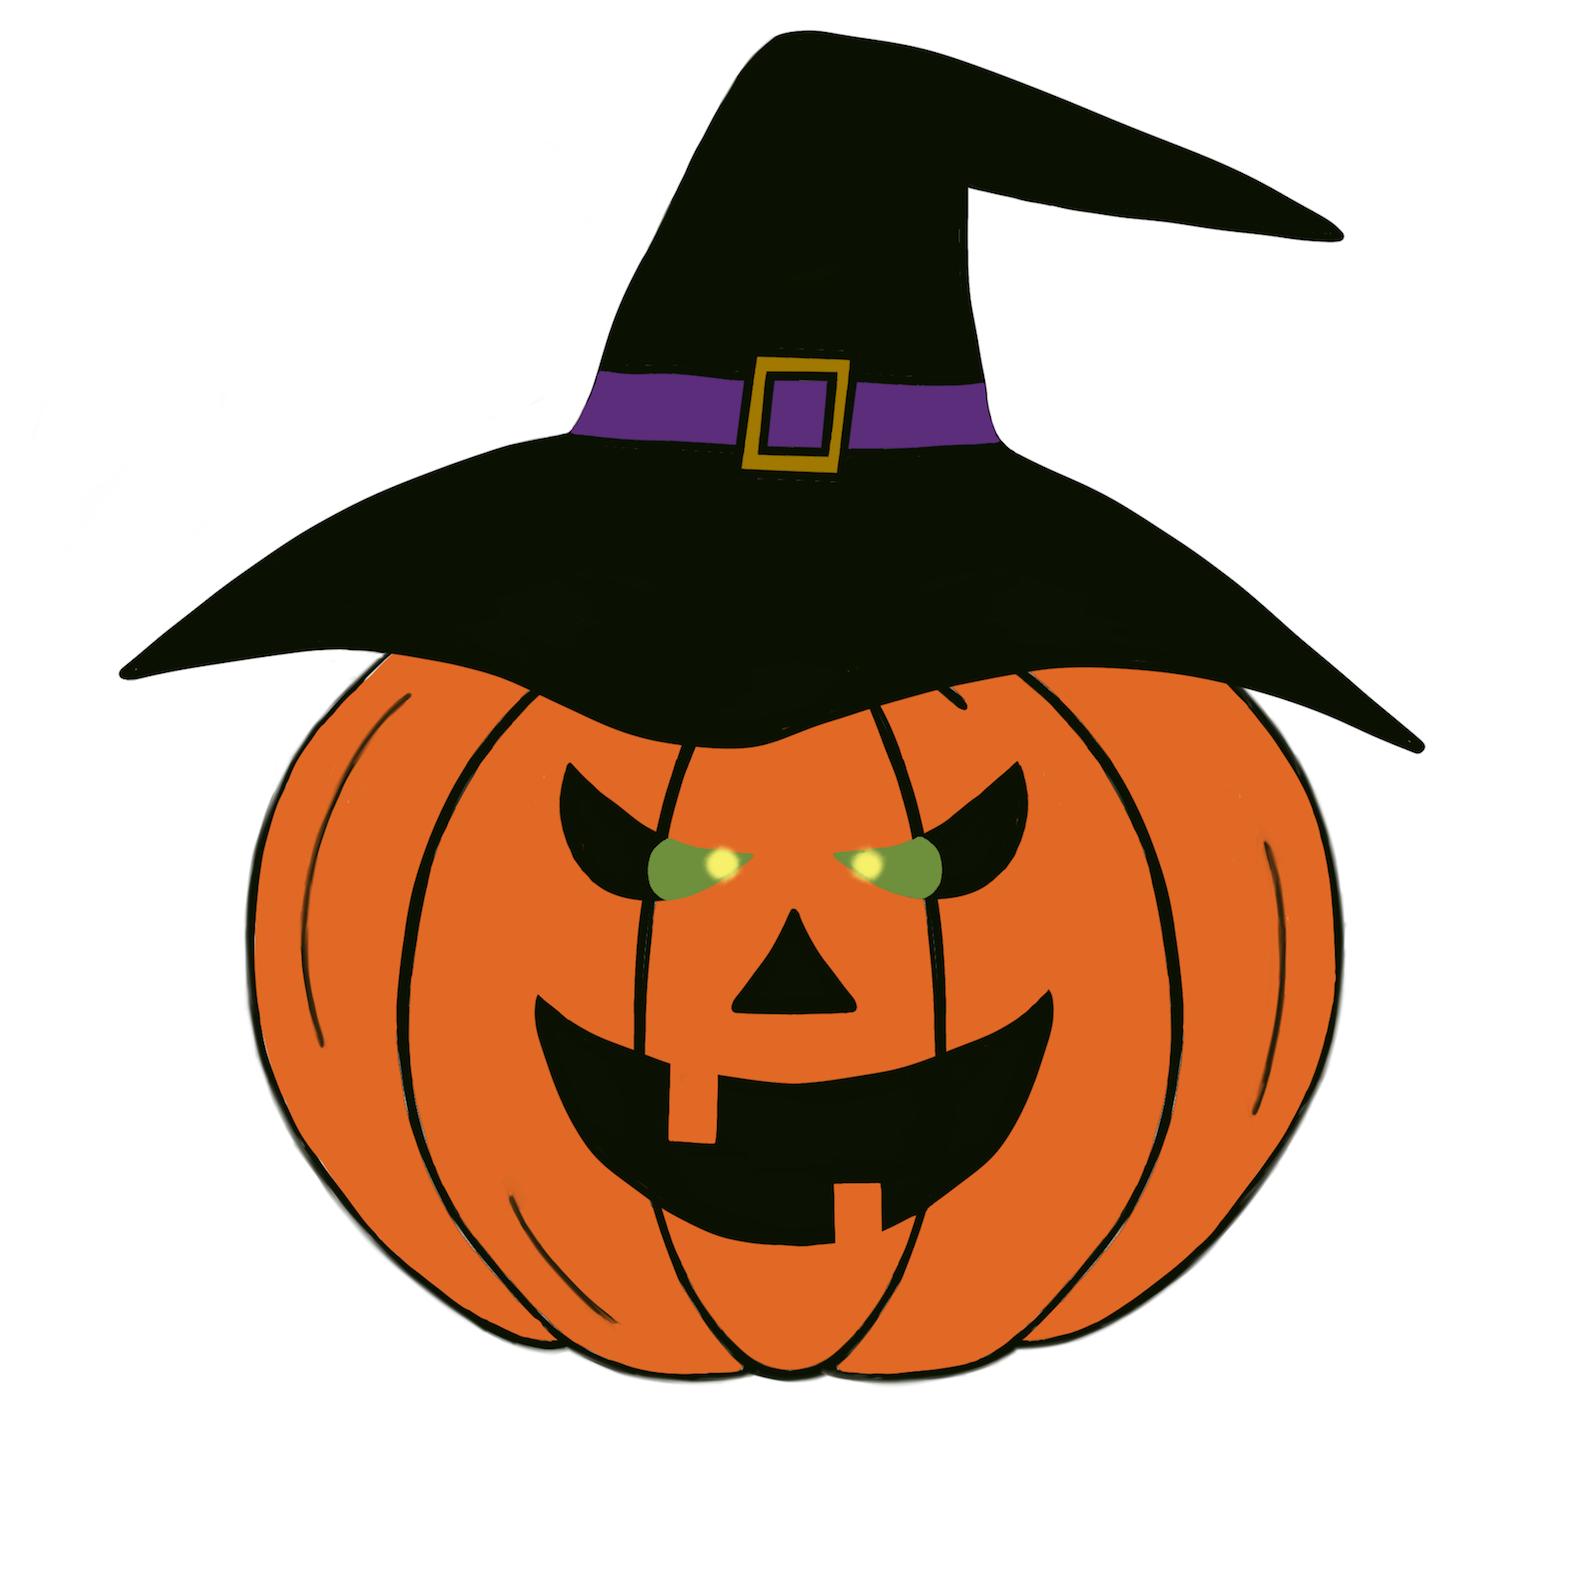 Pumpkin time stickers messages sticker-2